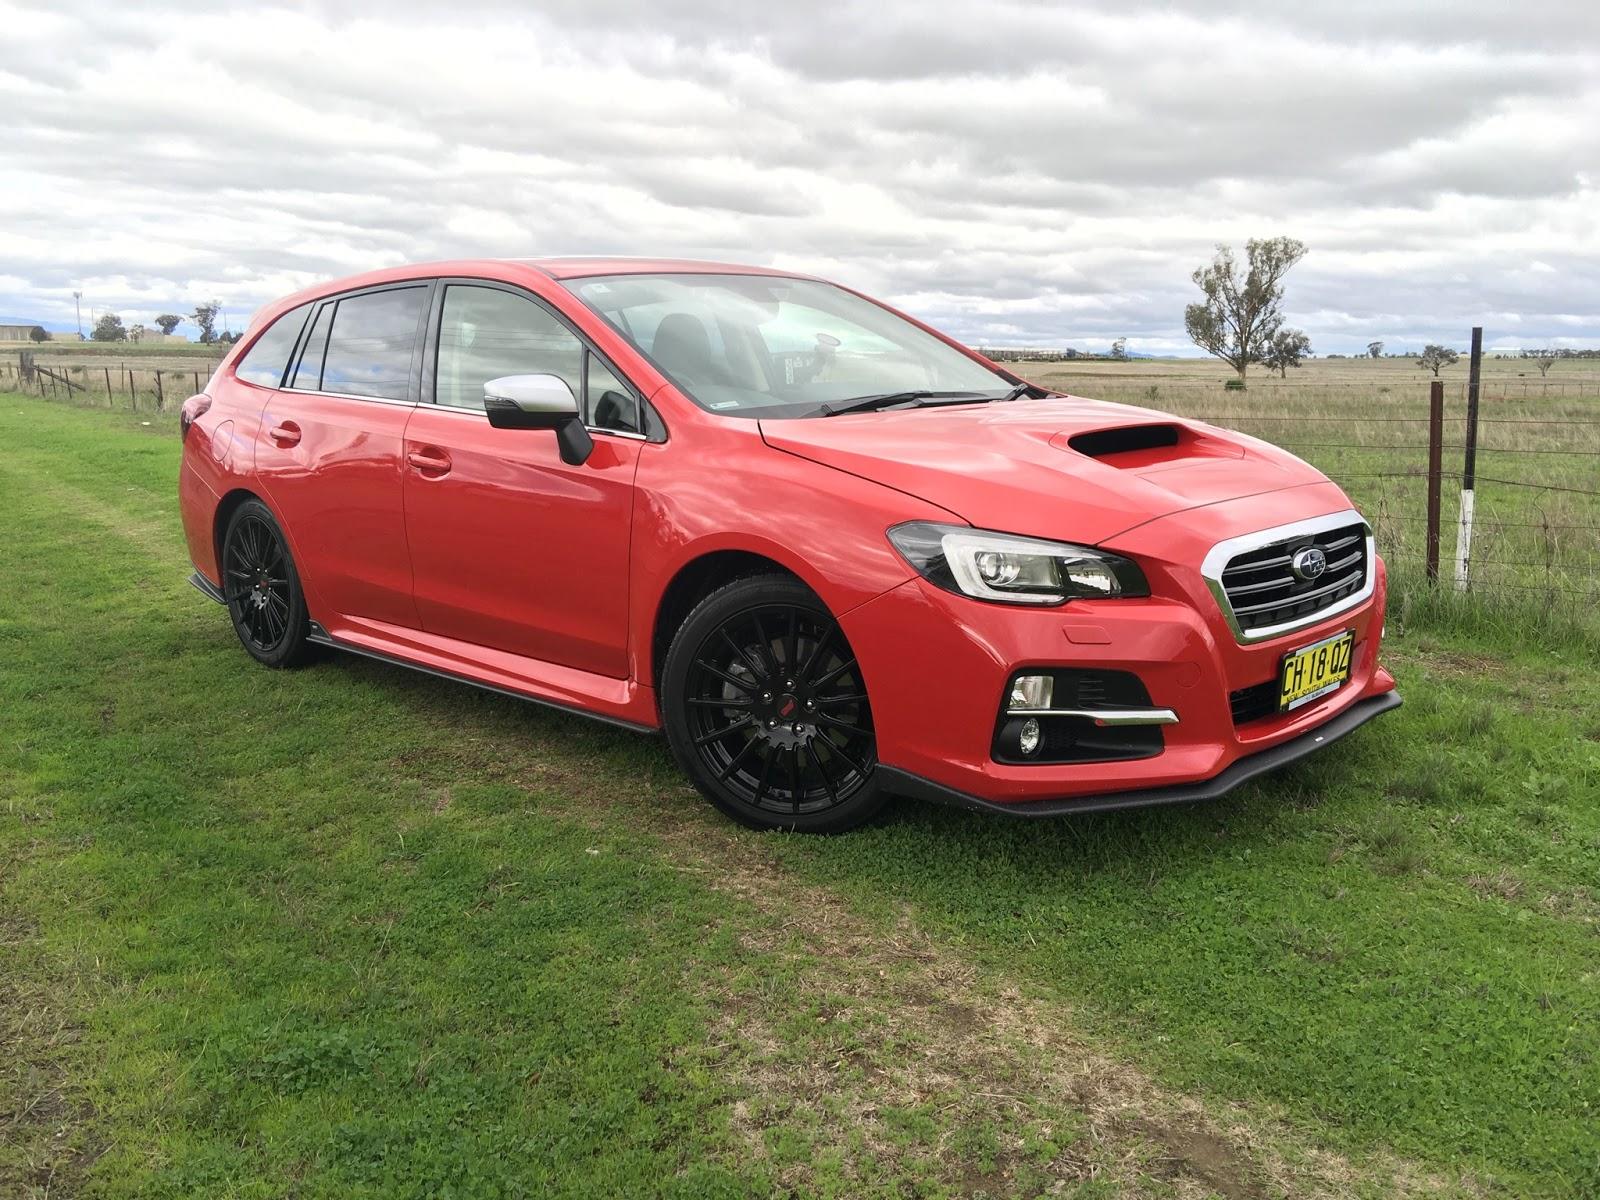 Subaru Levorg 2017 hứa hẹn sẽ làm sôi động phân khúc wagon nhàm chán bấy lâu nay